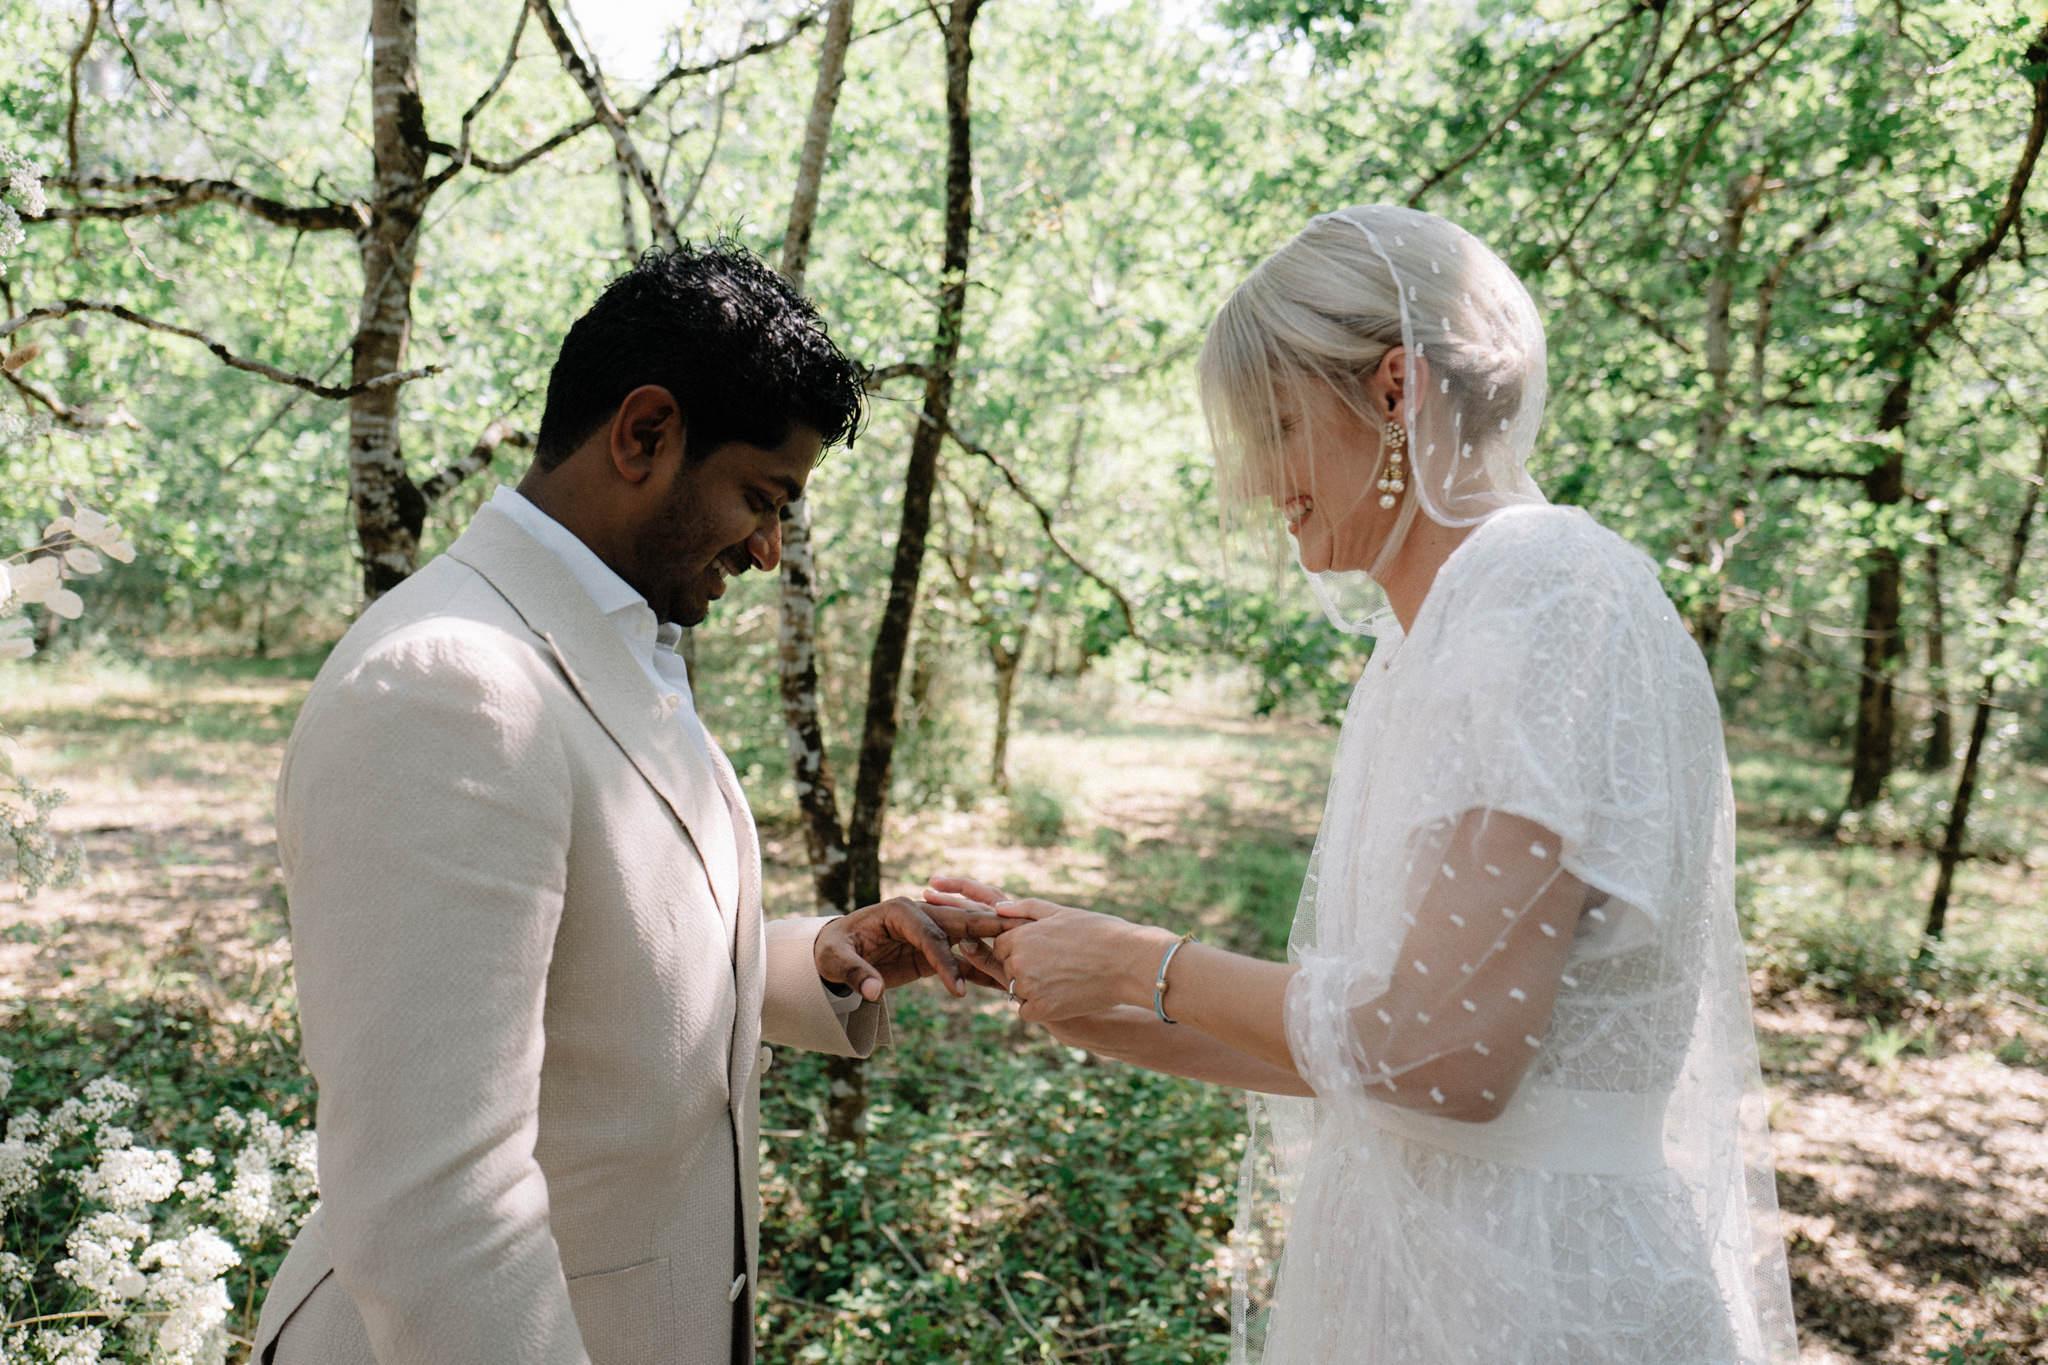 wedding-destination-bordeaux-france-ceremonie-laique-sparkly